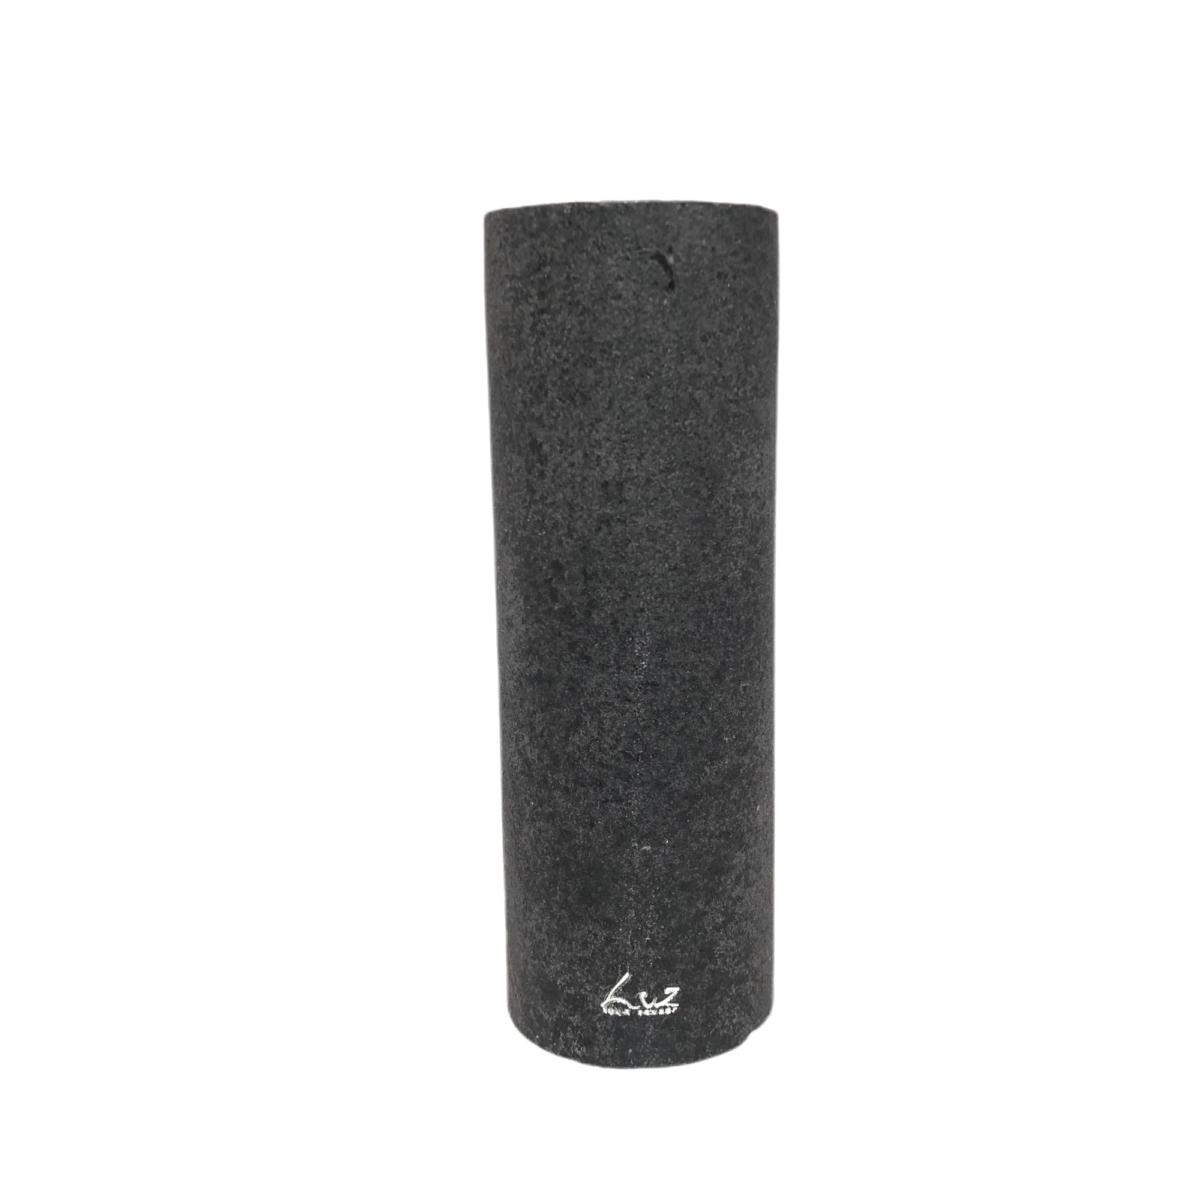 Bougie cylindre GM noire luz by Destele